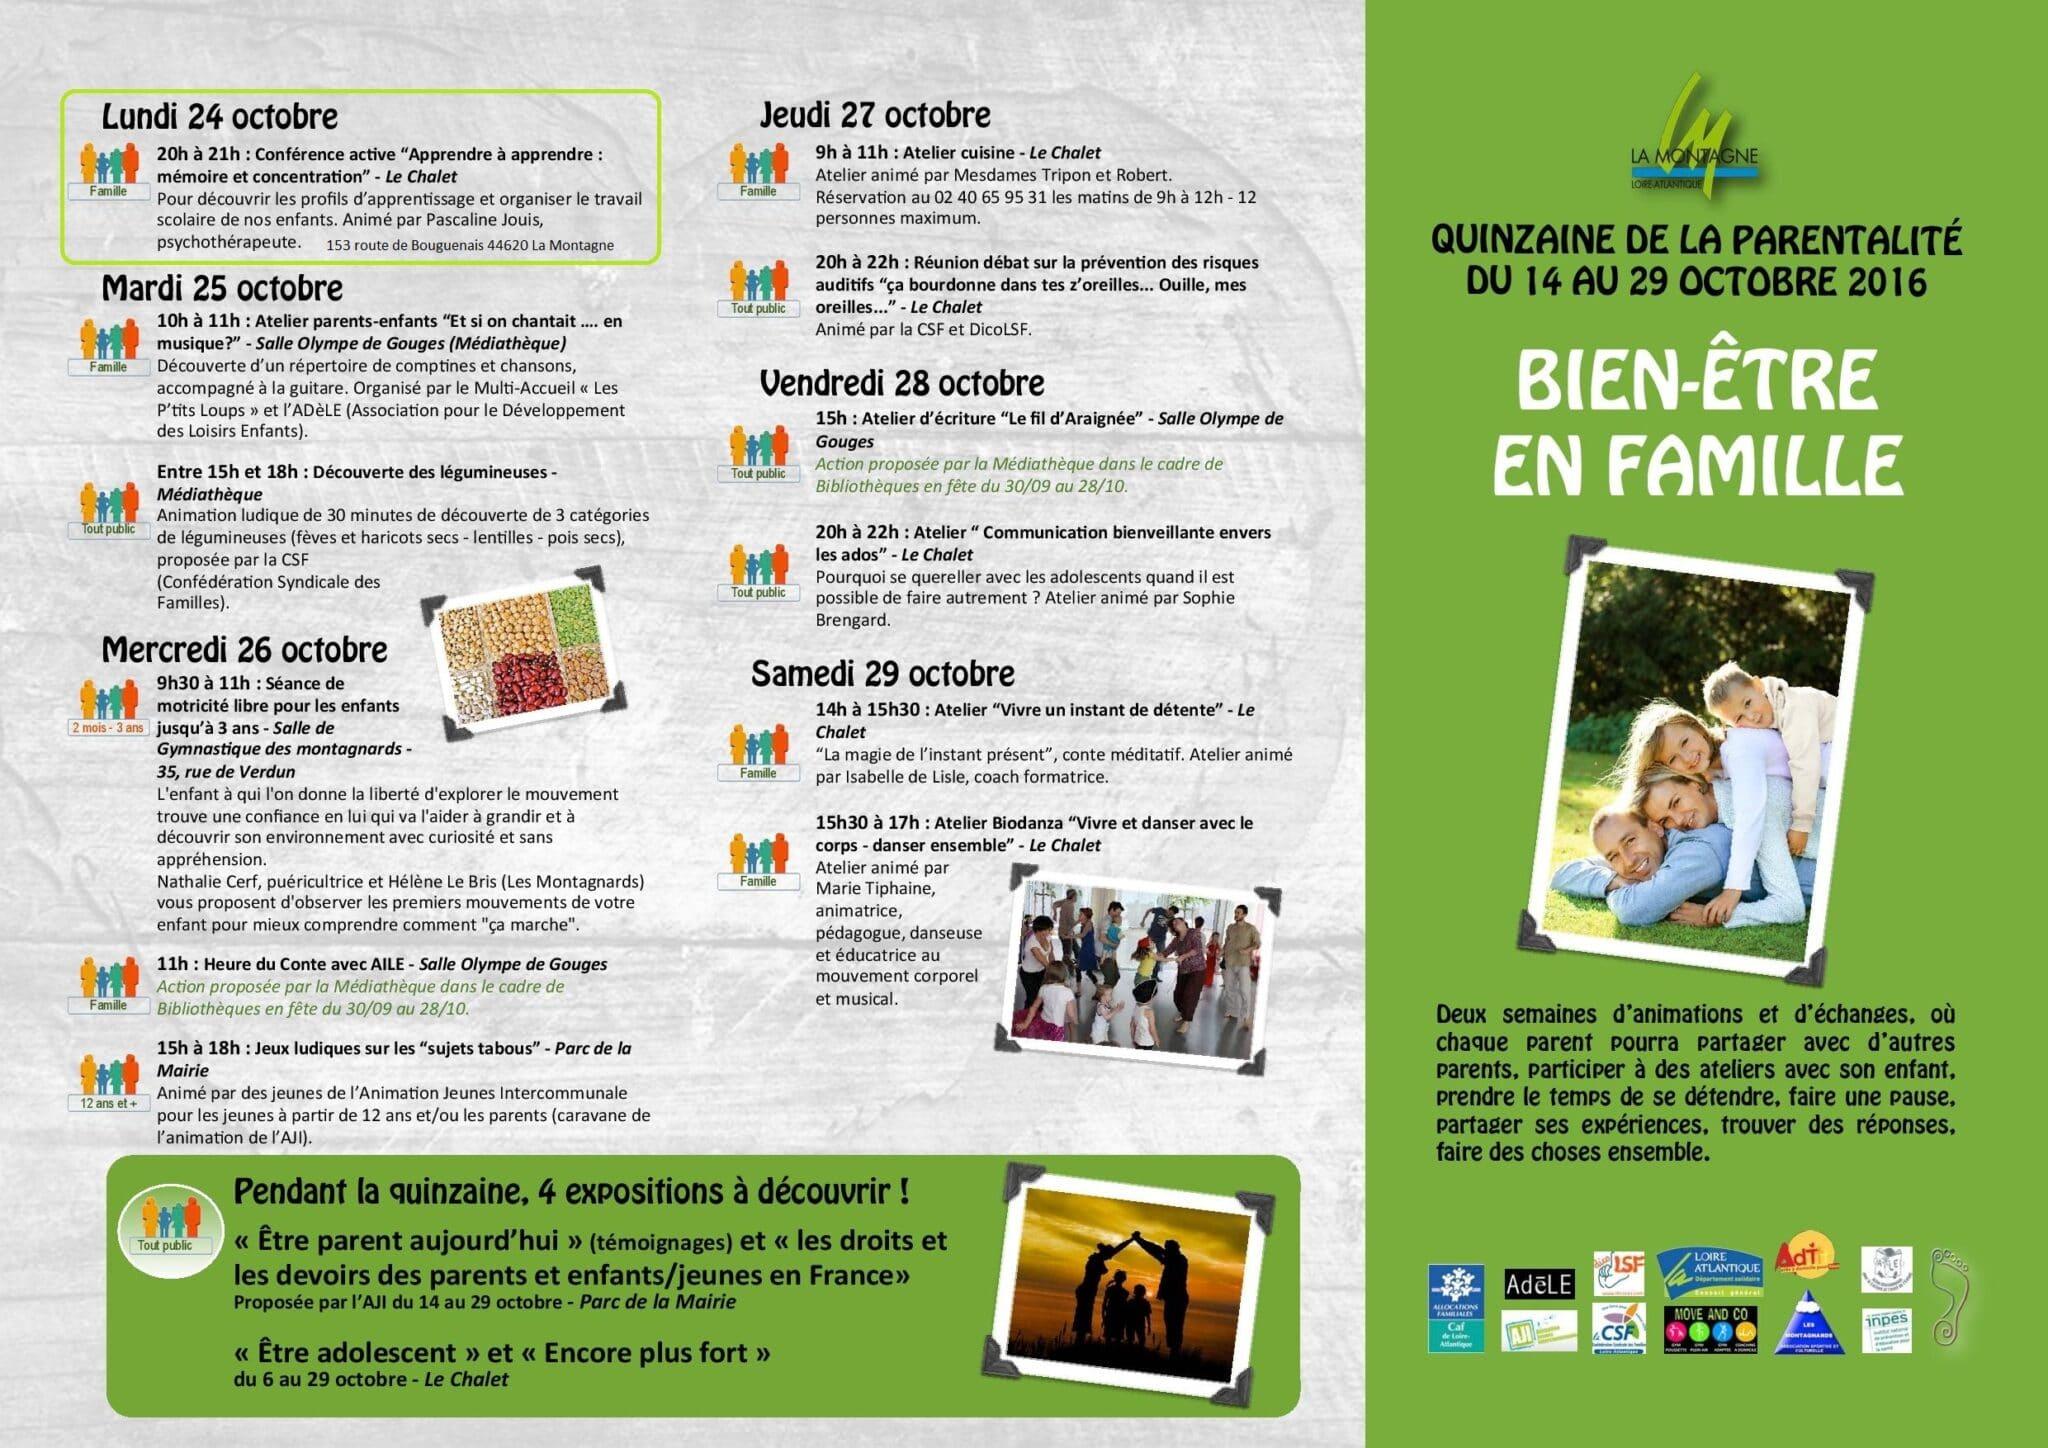 affiche de Conférence de Pascaline Jouis à la Quinzaine de la Parentalité